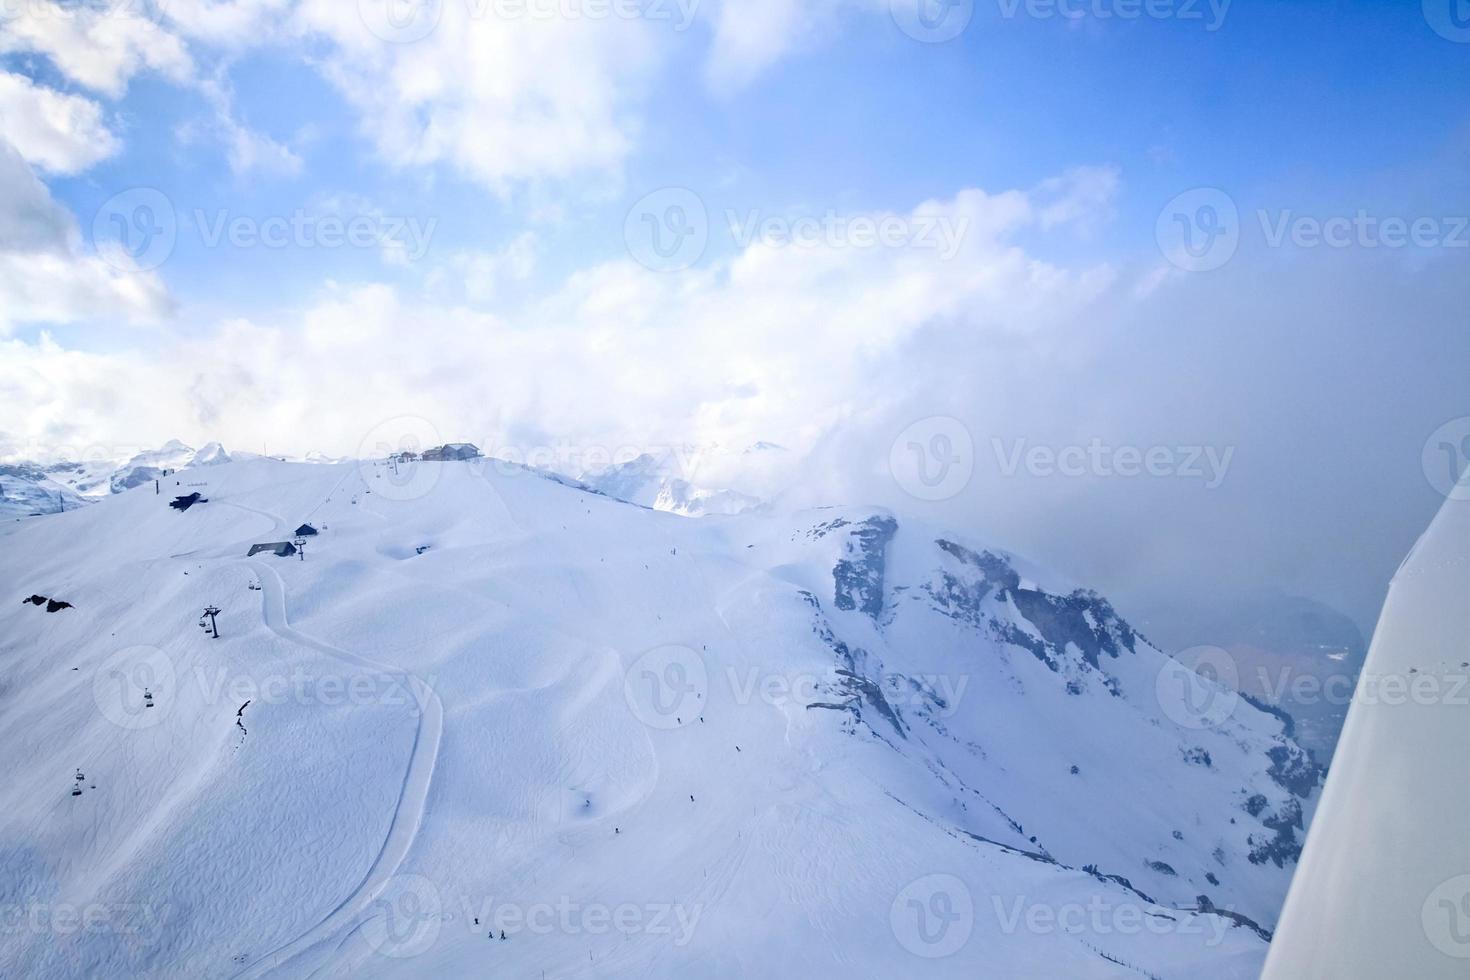 vista aérea de avião exclusivo da estação de esqui central nos Alpes suíços foto